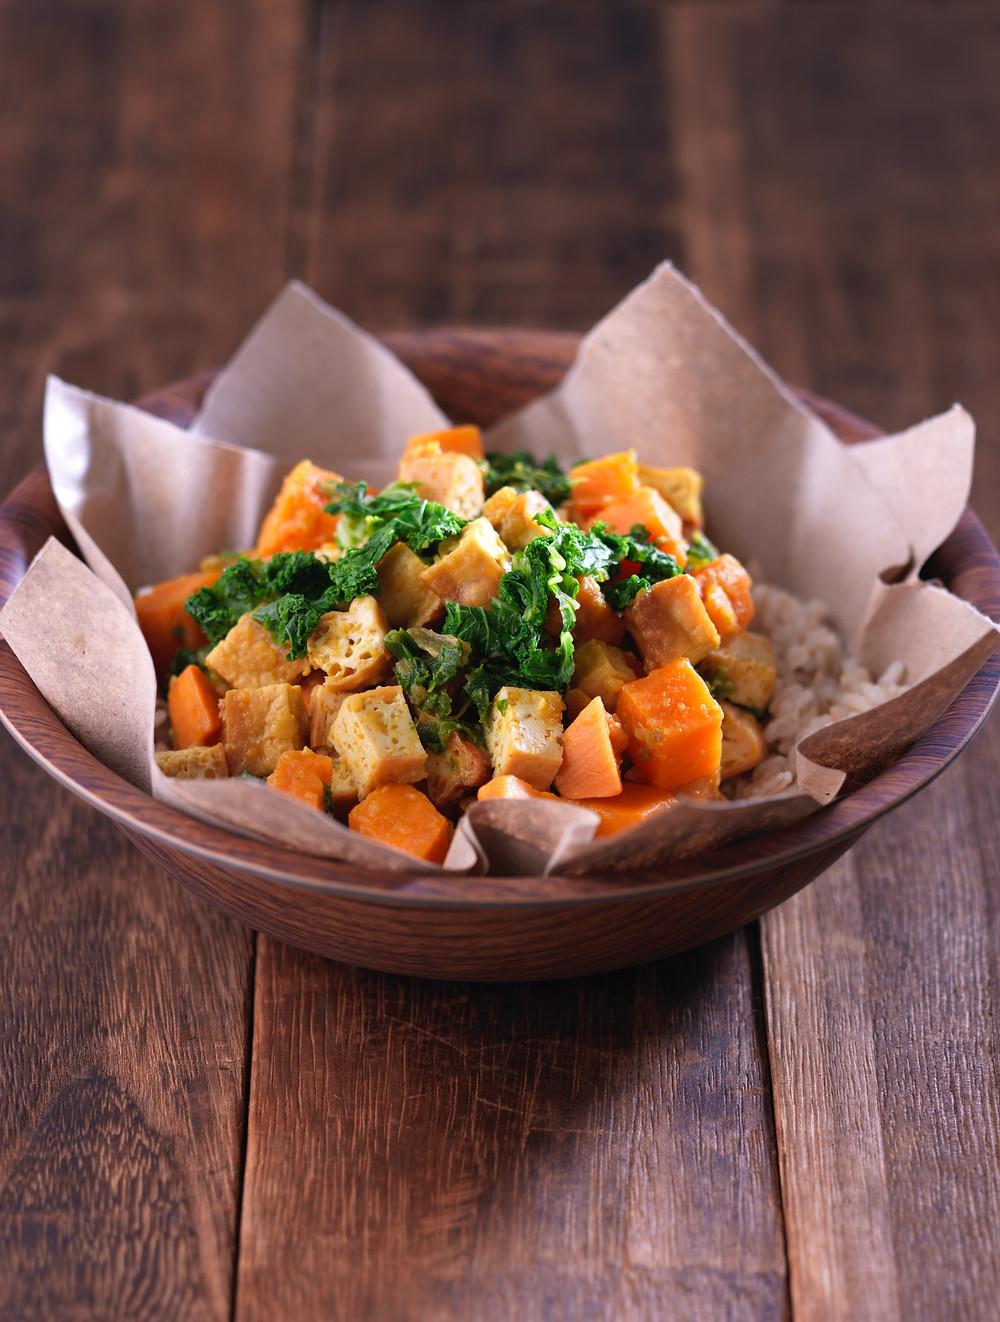 YOLO! Healthy Halal Food!